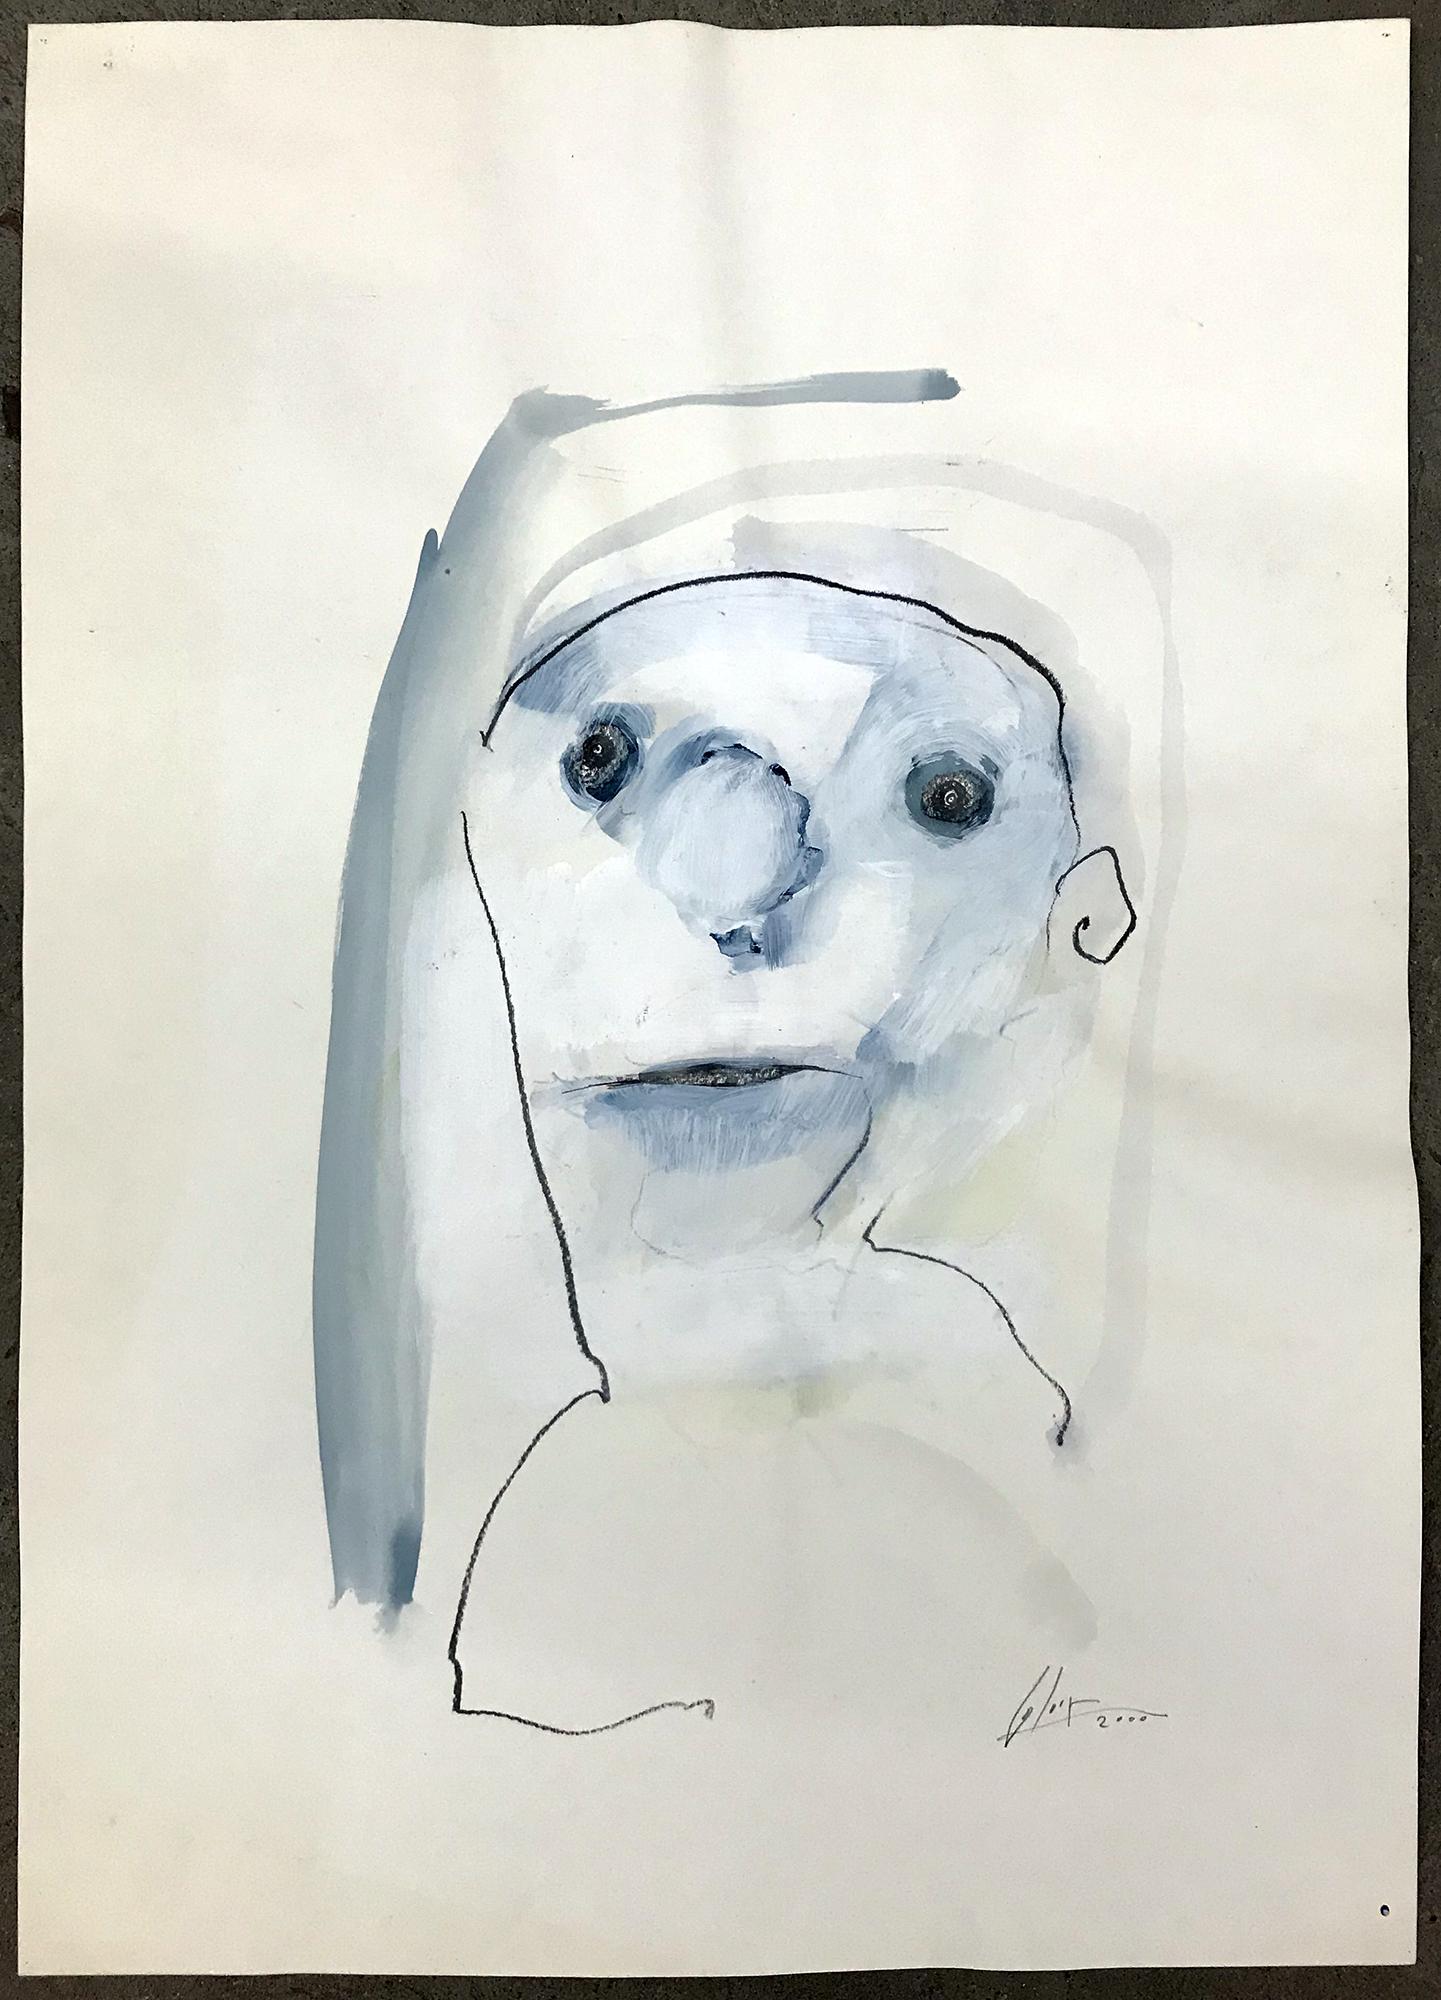 Porträt, 2000, Mischtechnik auf Zeichenpapier, 40 x 60 cm, ohne Rahmen